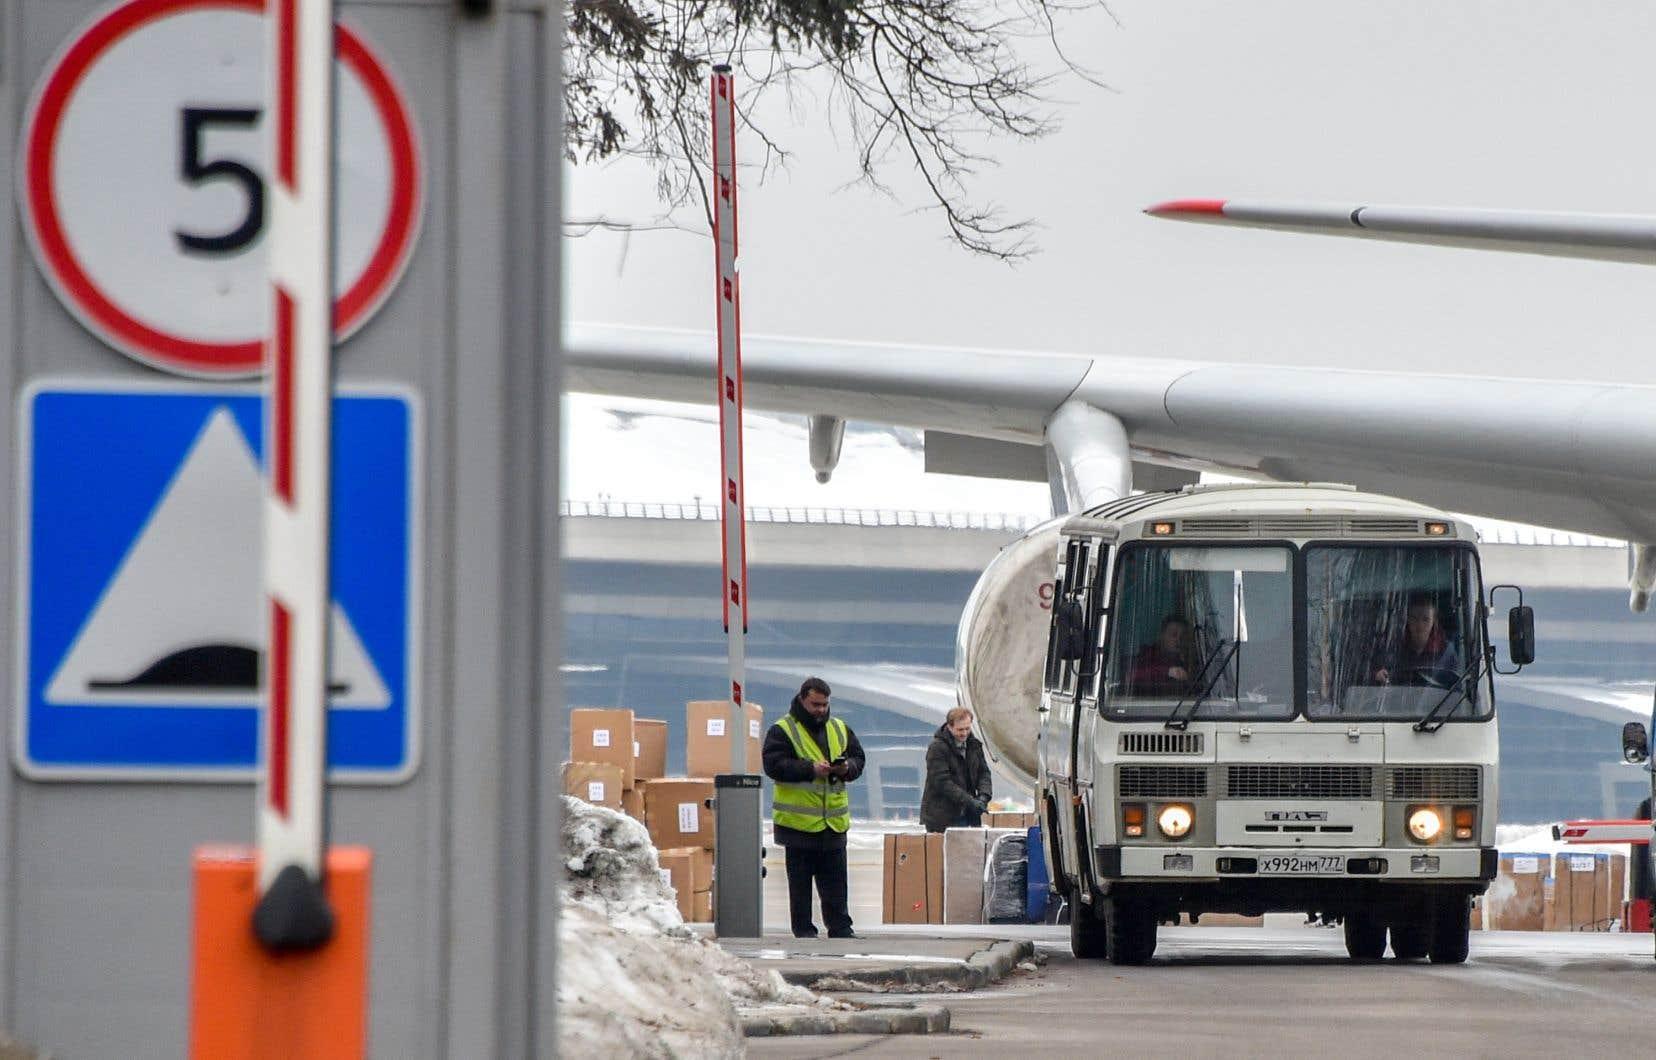 Un bus sort de l'aéroport Vnukovo II de Moscou alors que l'avion qui a ramené 46 diplomates russes et les membres de leur famille est vu sur la piste d'atterrissage, samedi.